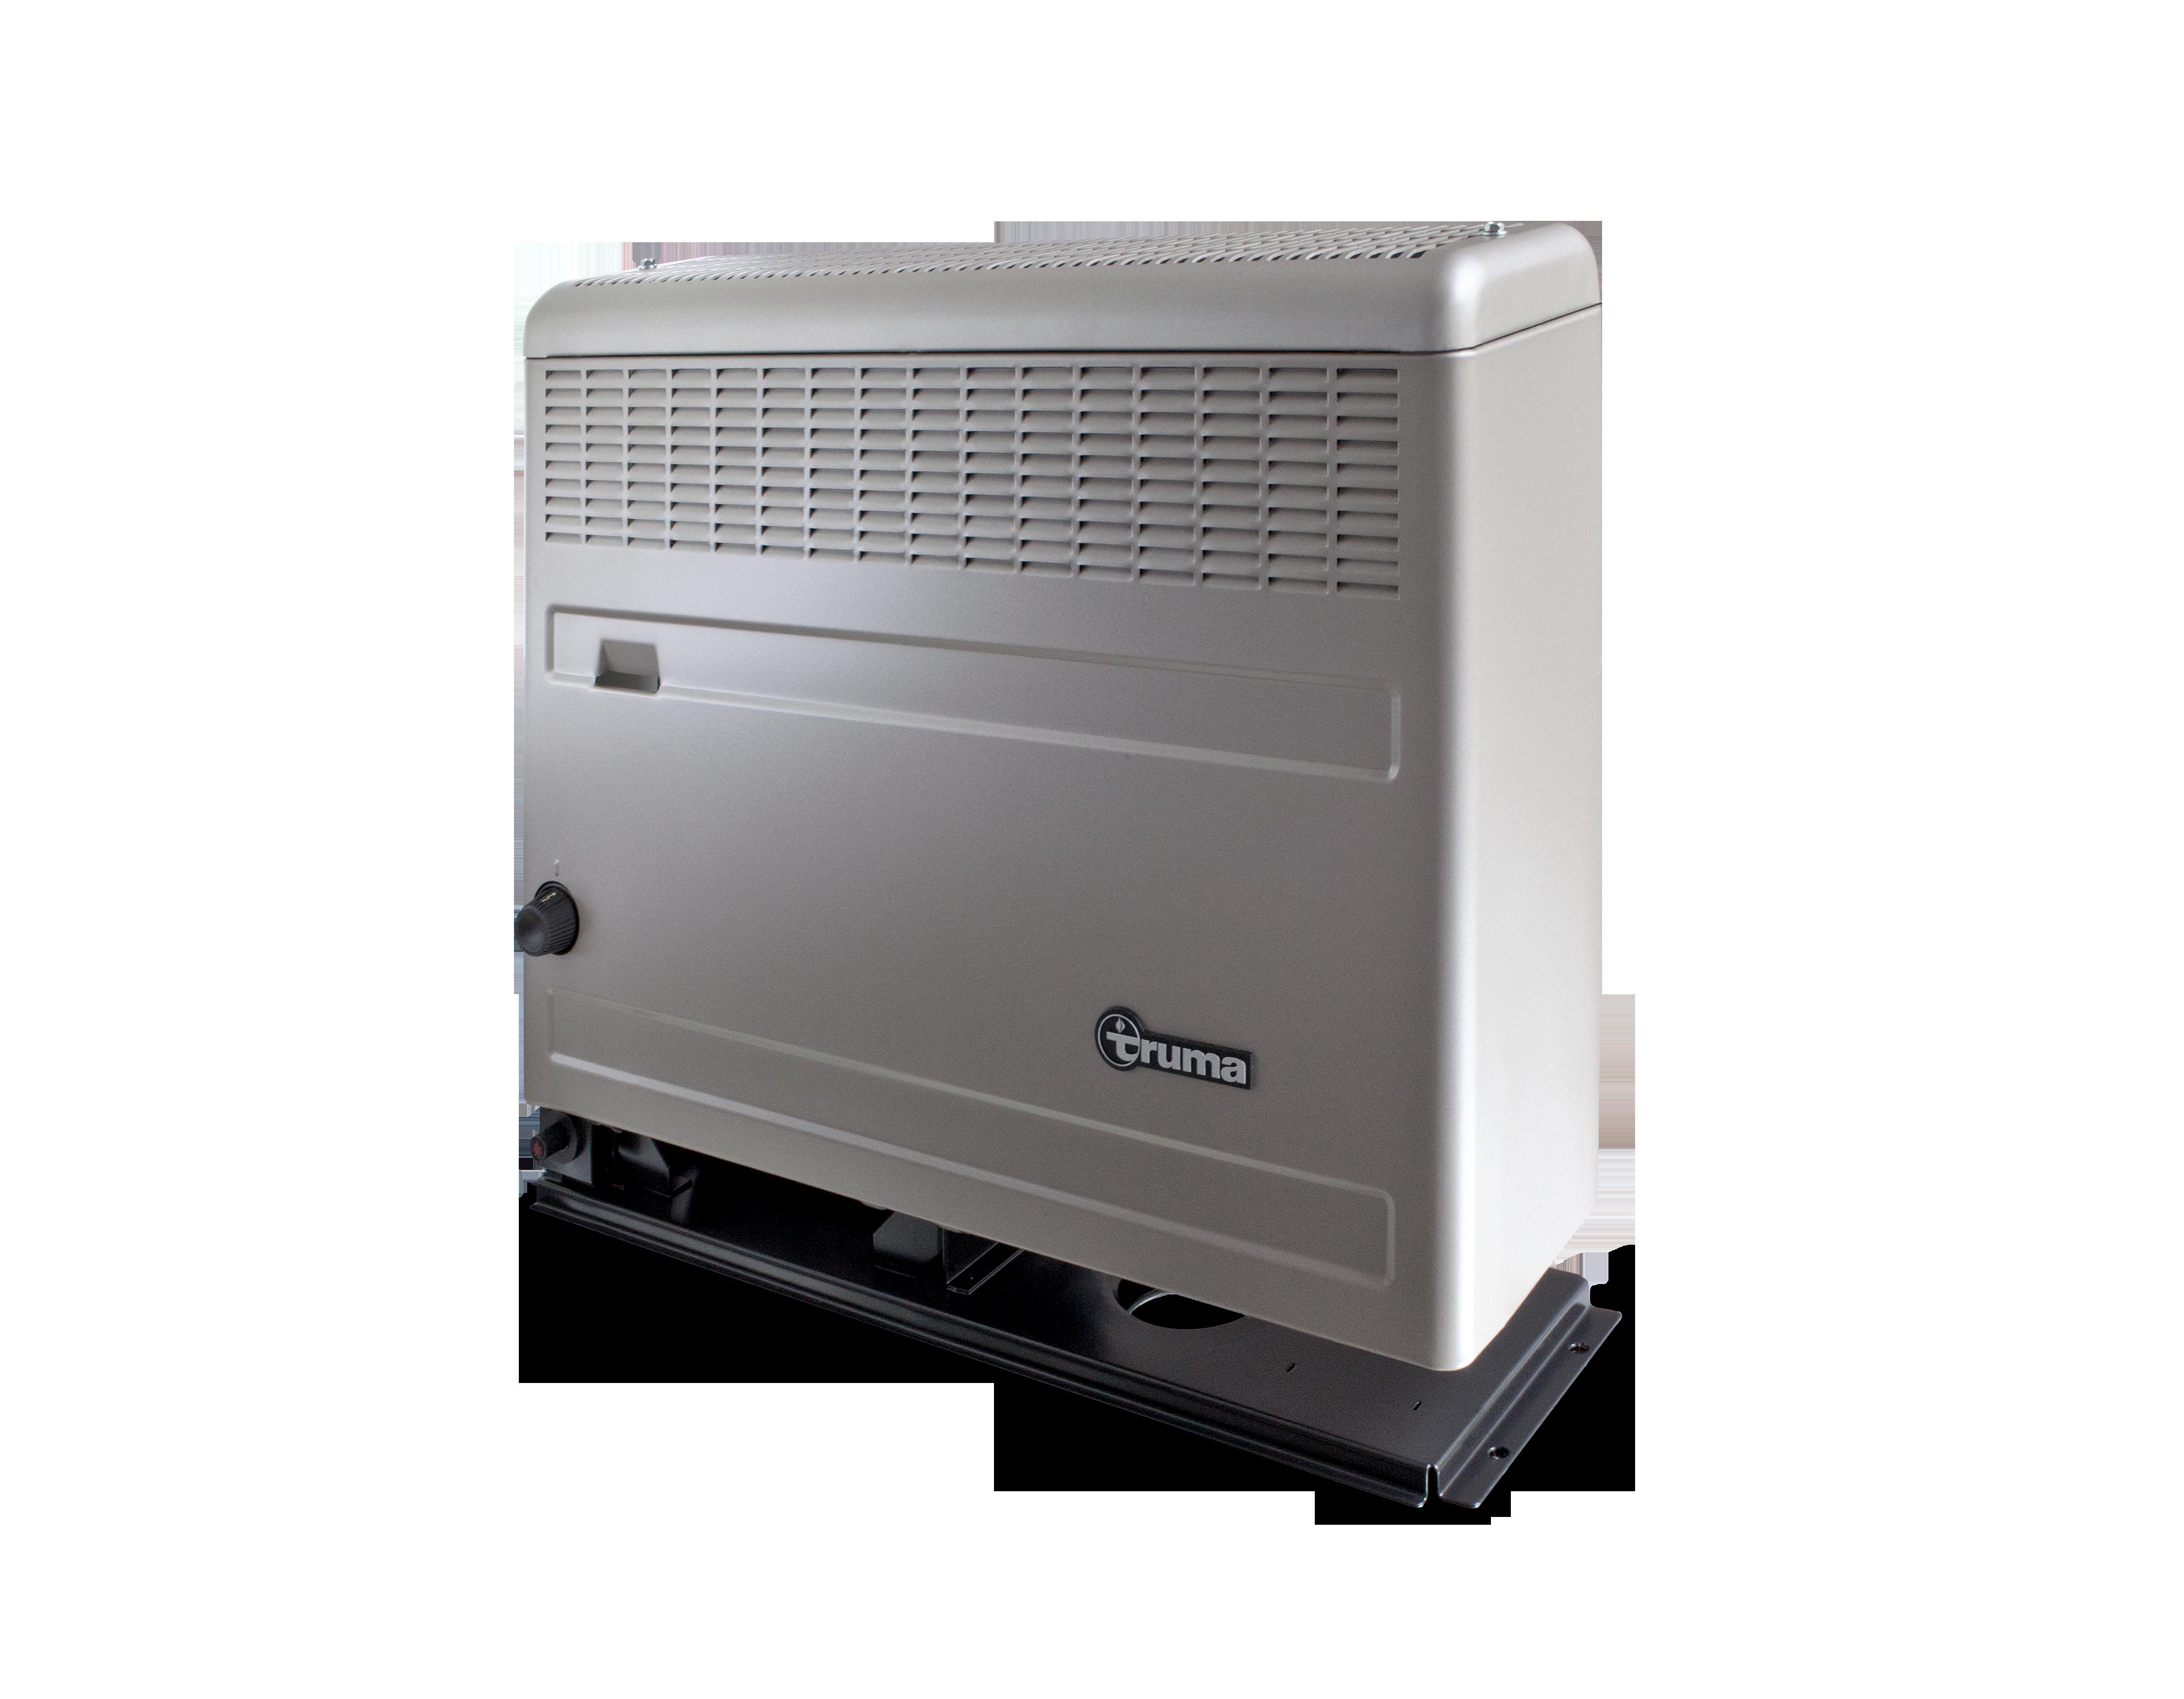 Truma S 2200 heater